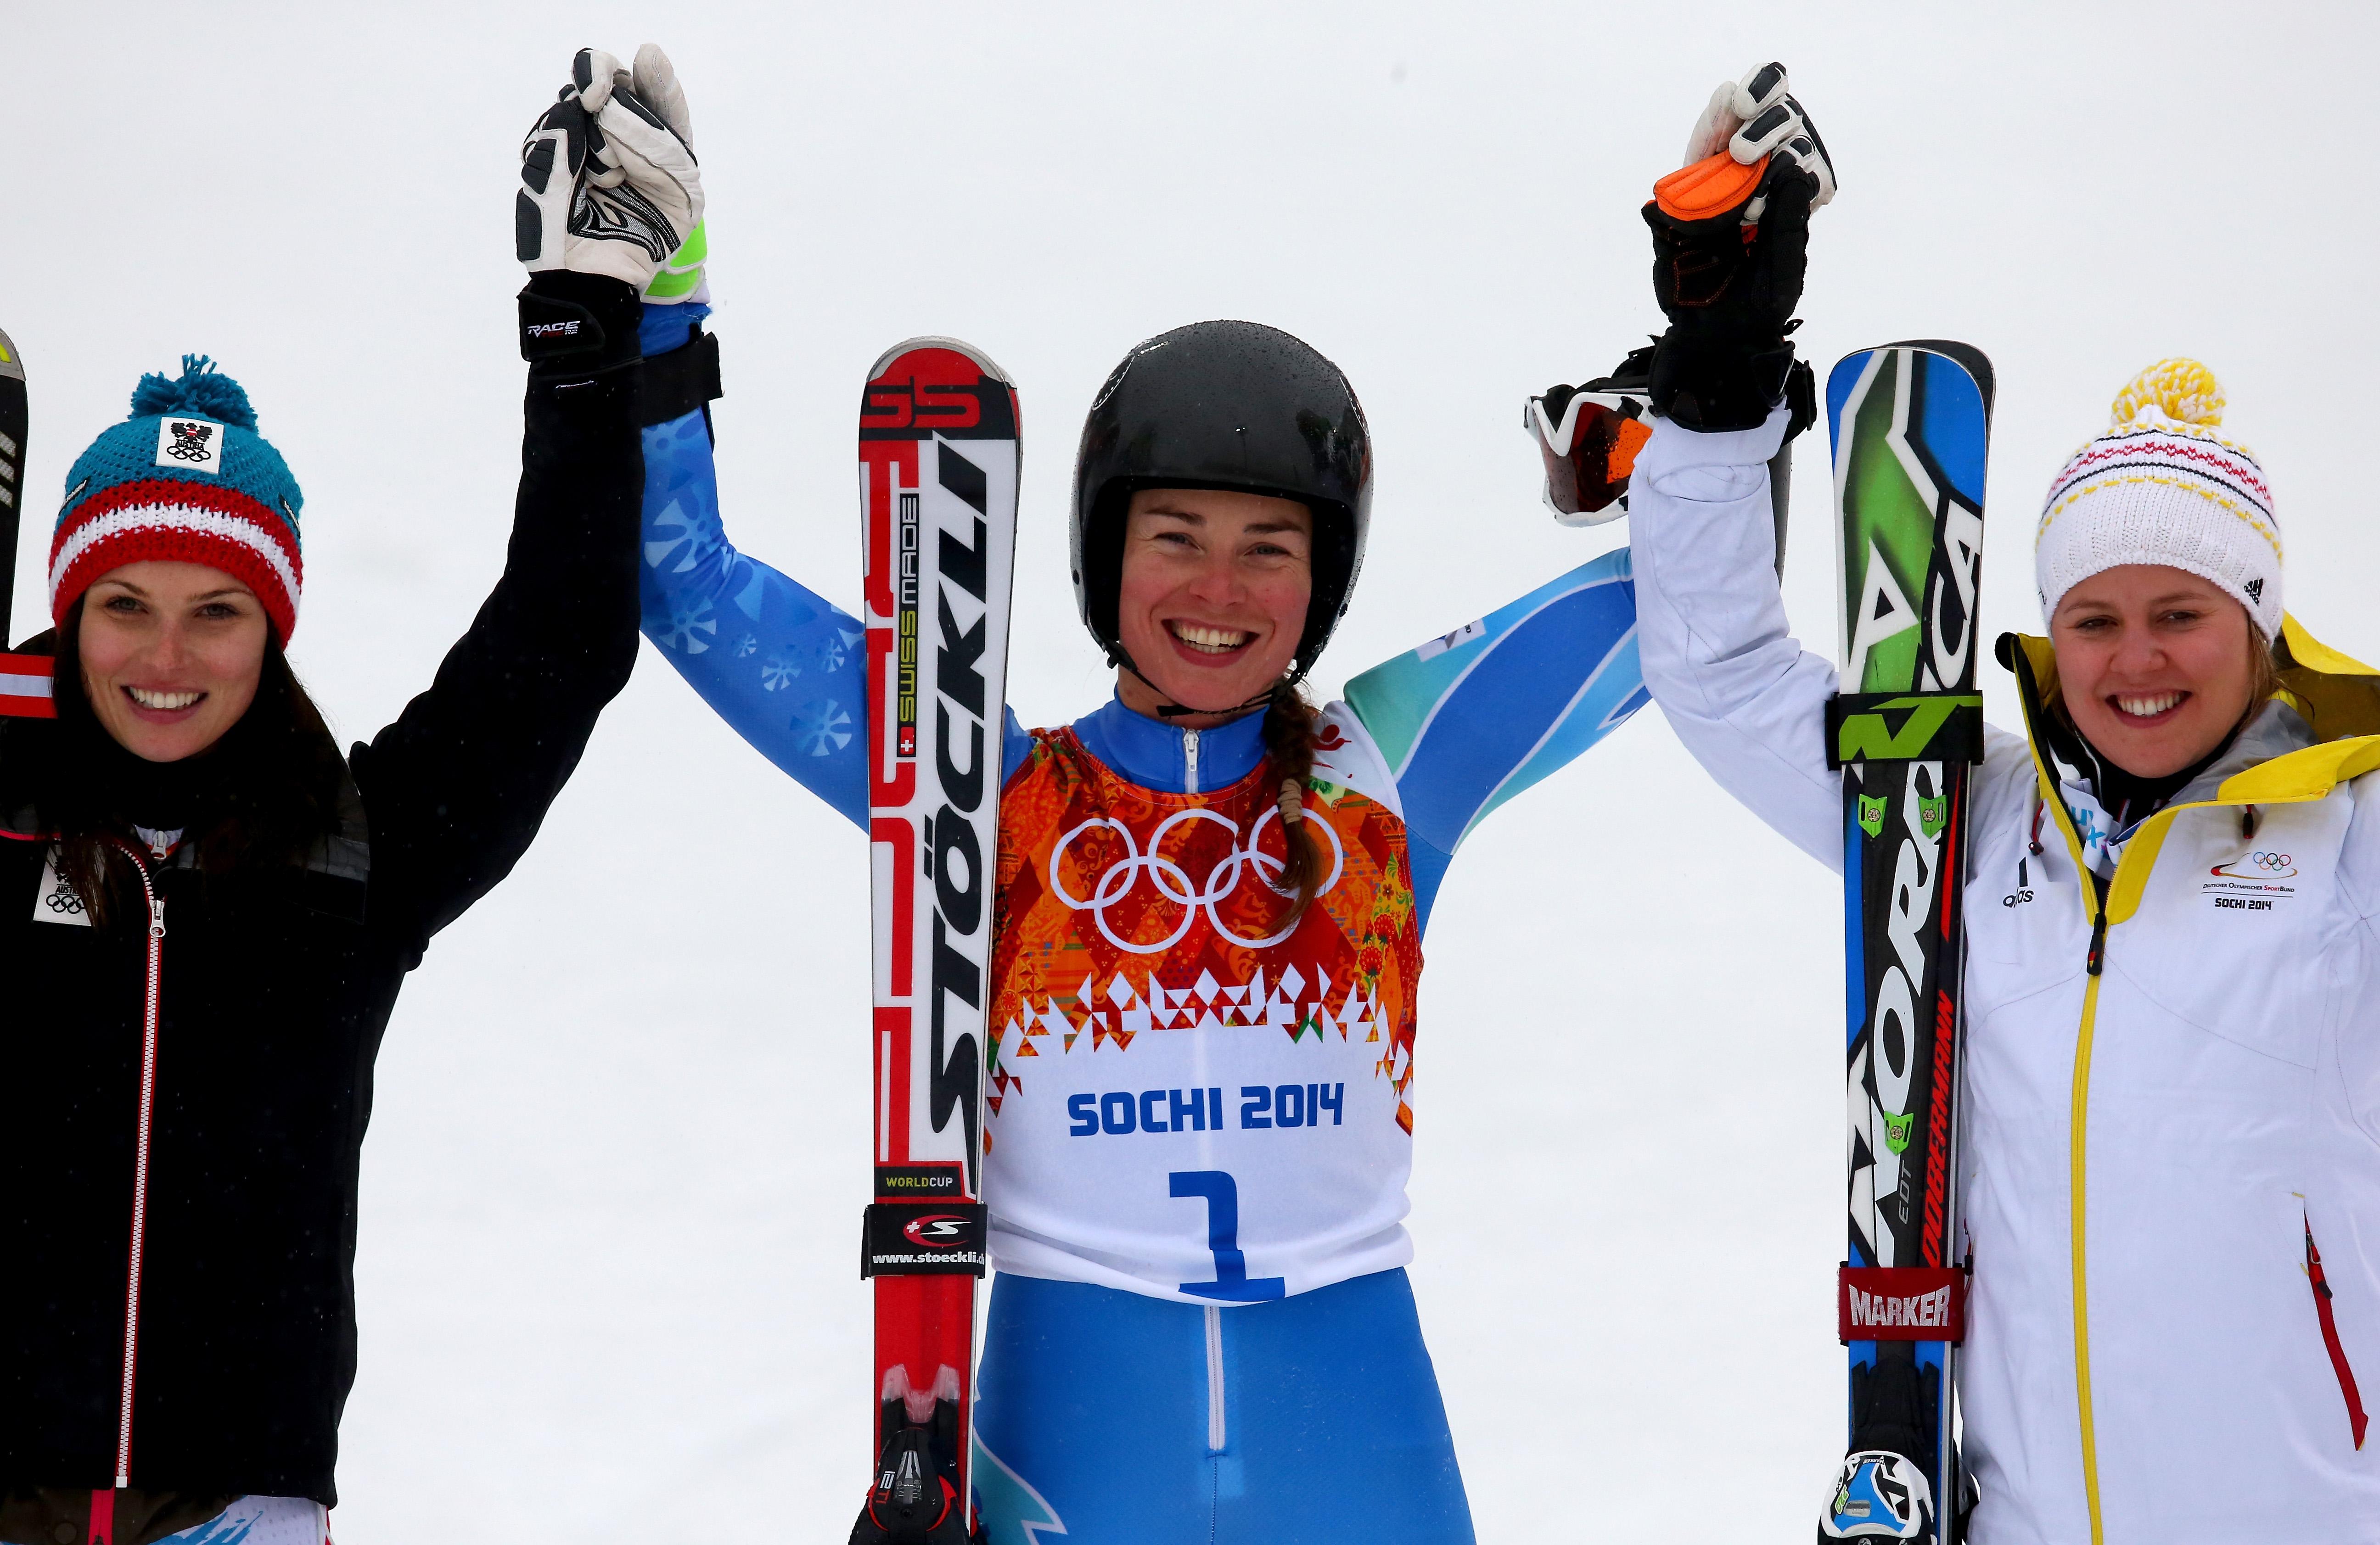 Тина Мазе (в центре) стала двукратной олимпийской чемпионкой в Сочи